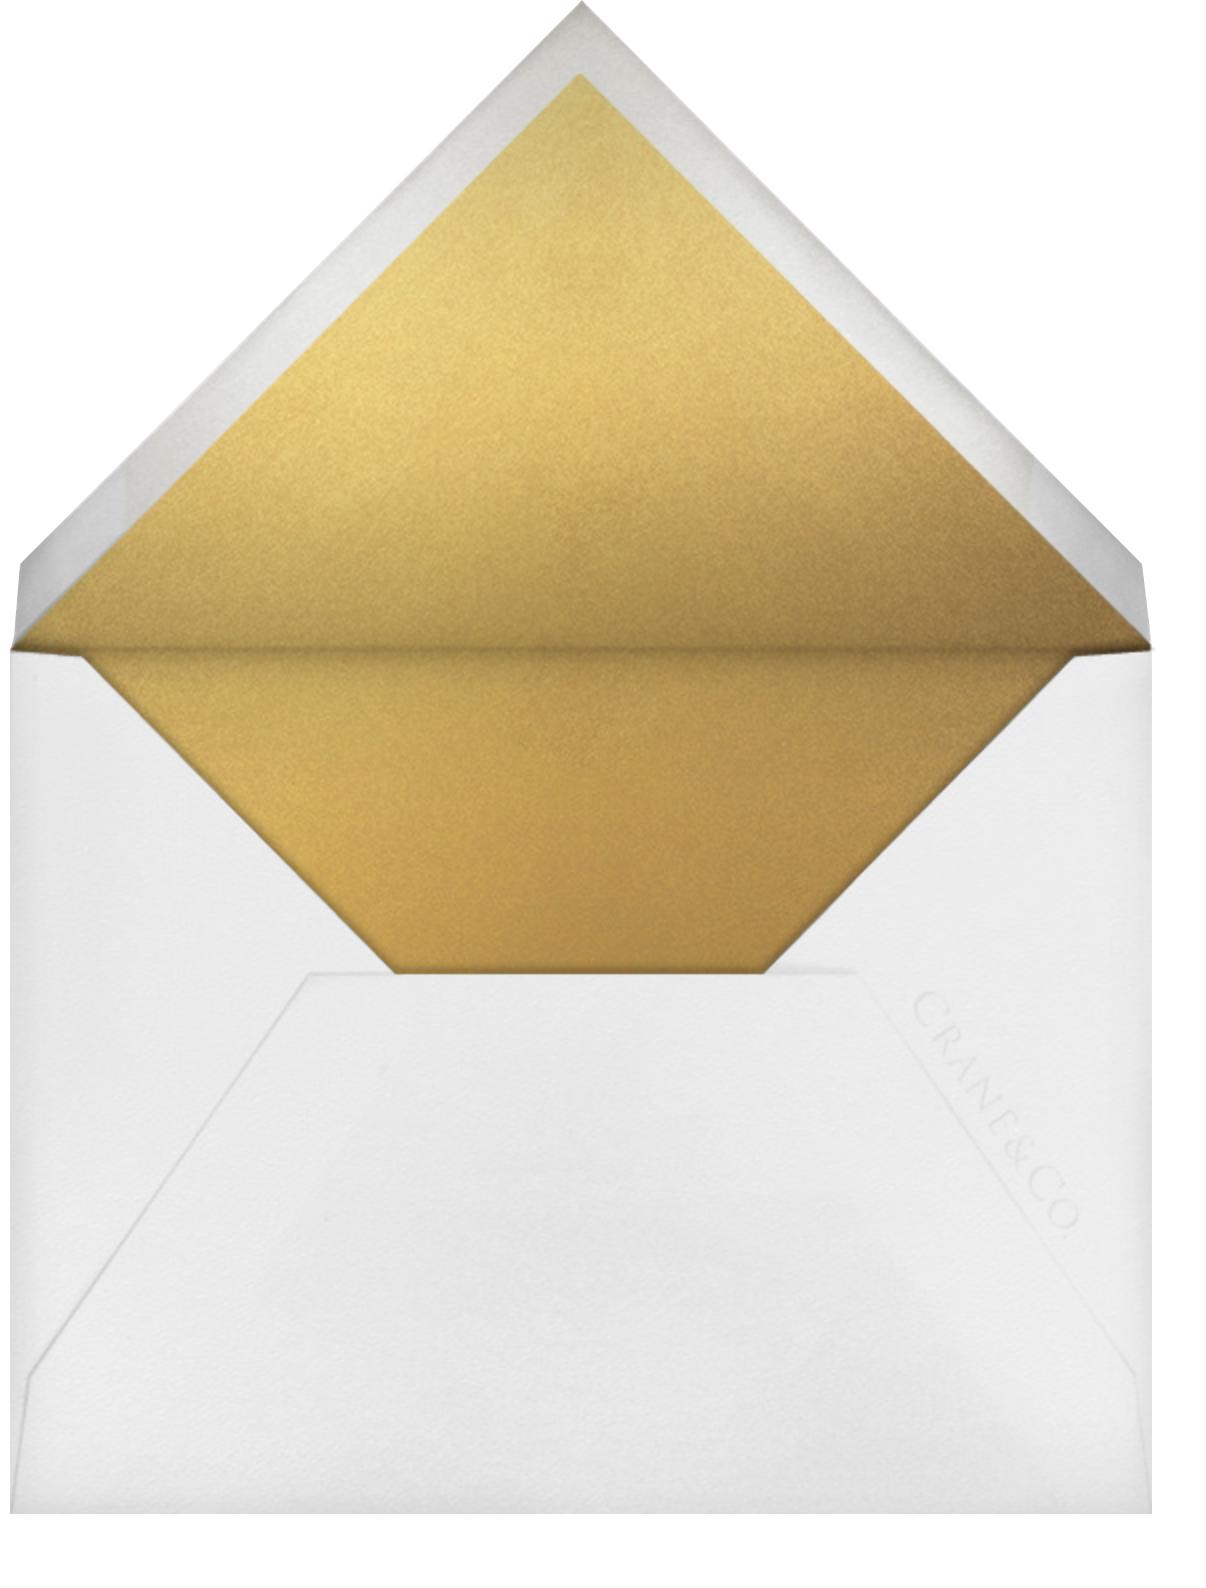 Erte (Thank You) - Medium Gold - Crane & Co. - Personalized stationery - envelope back